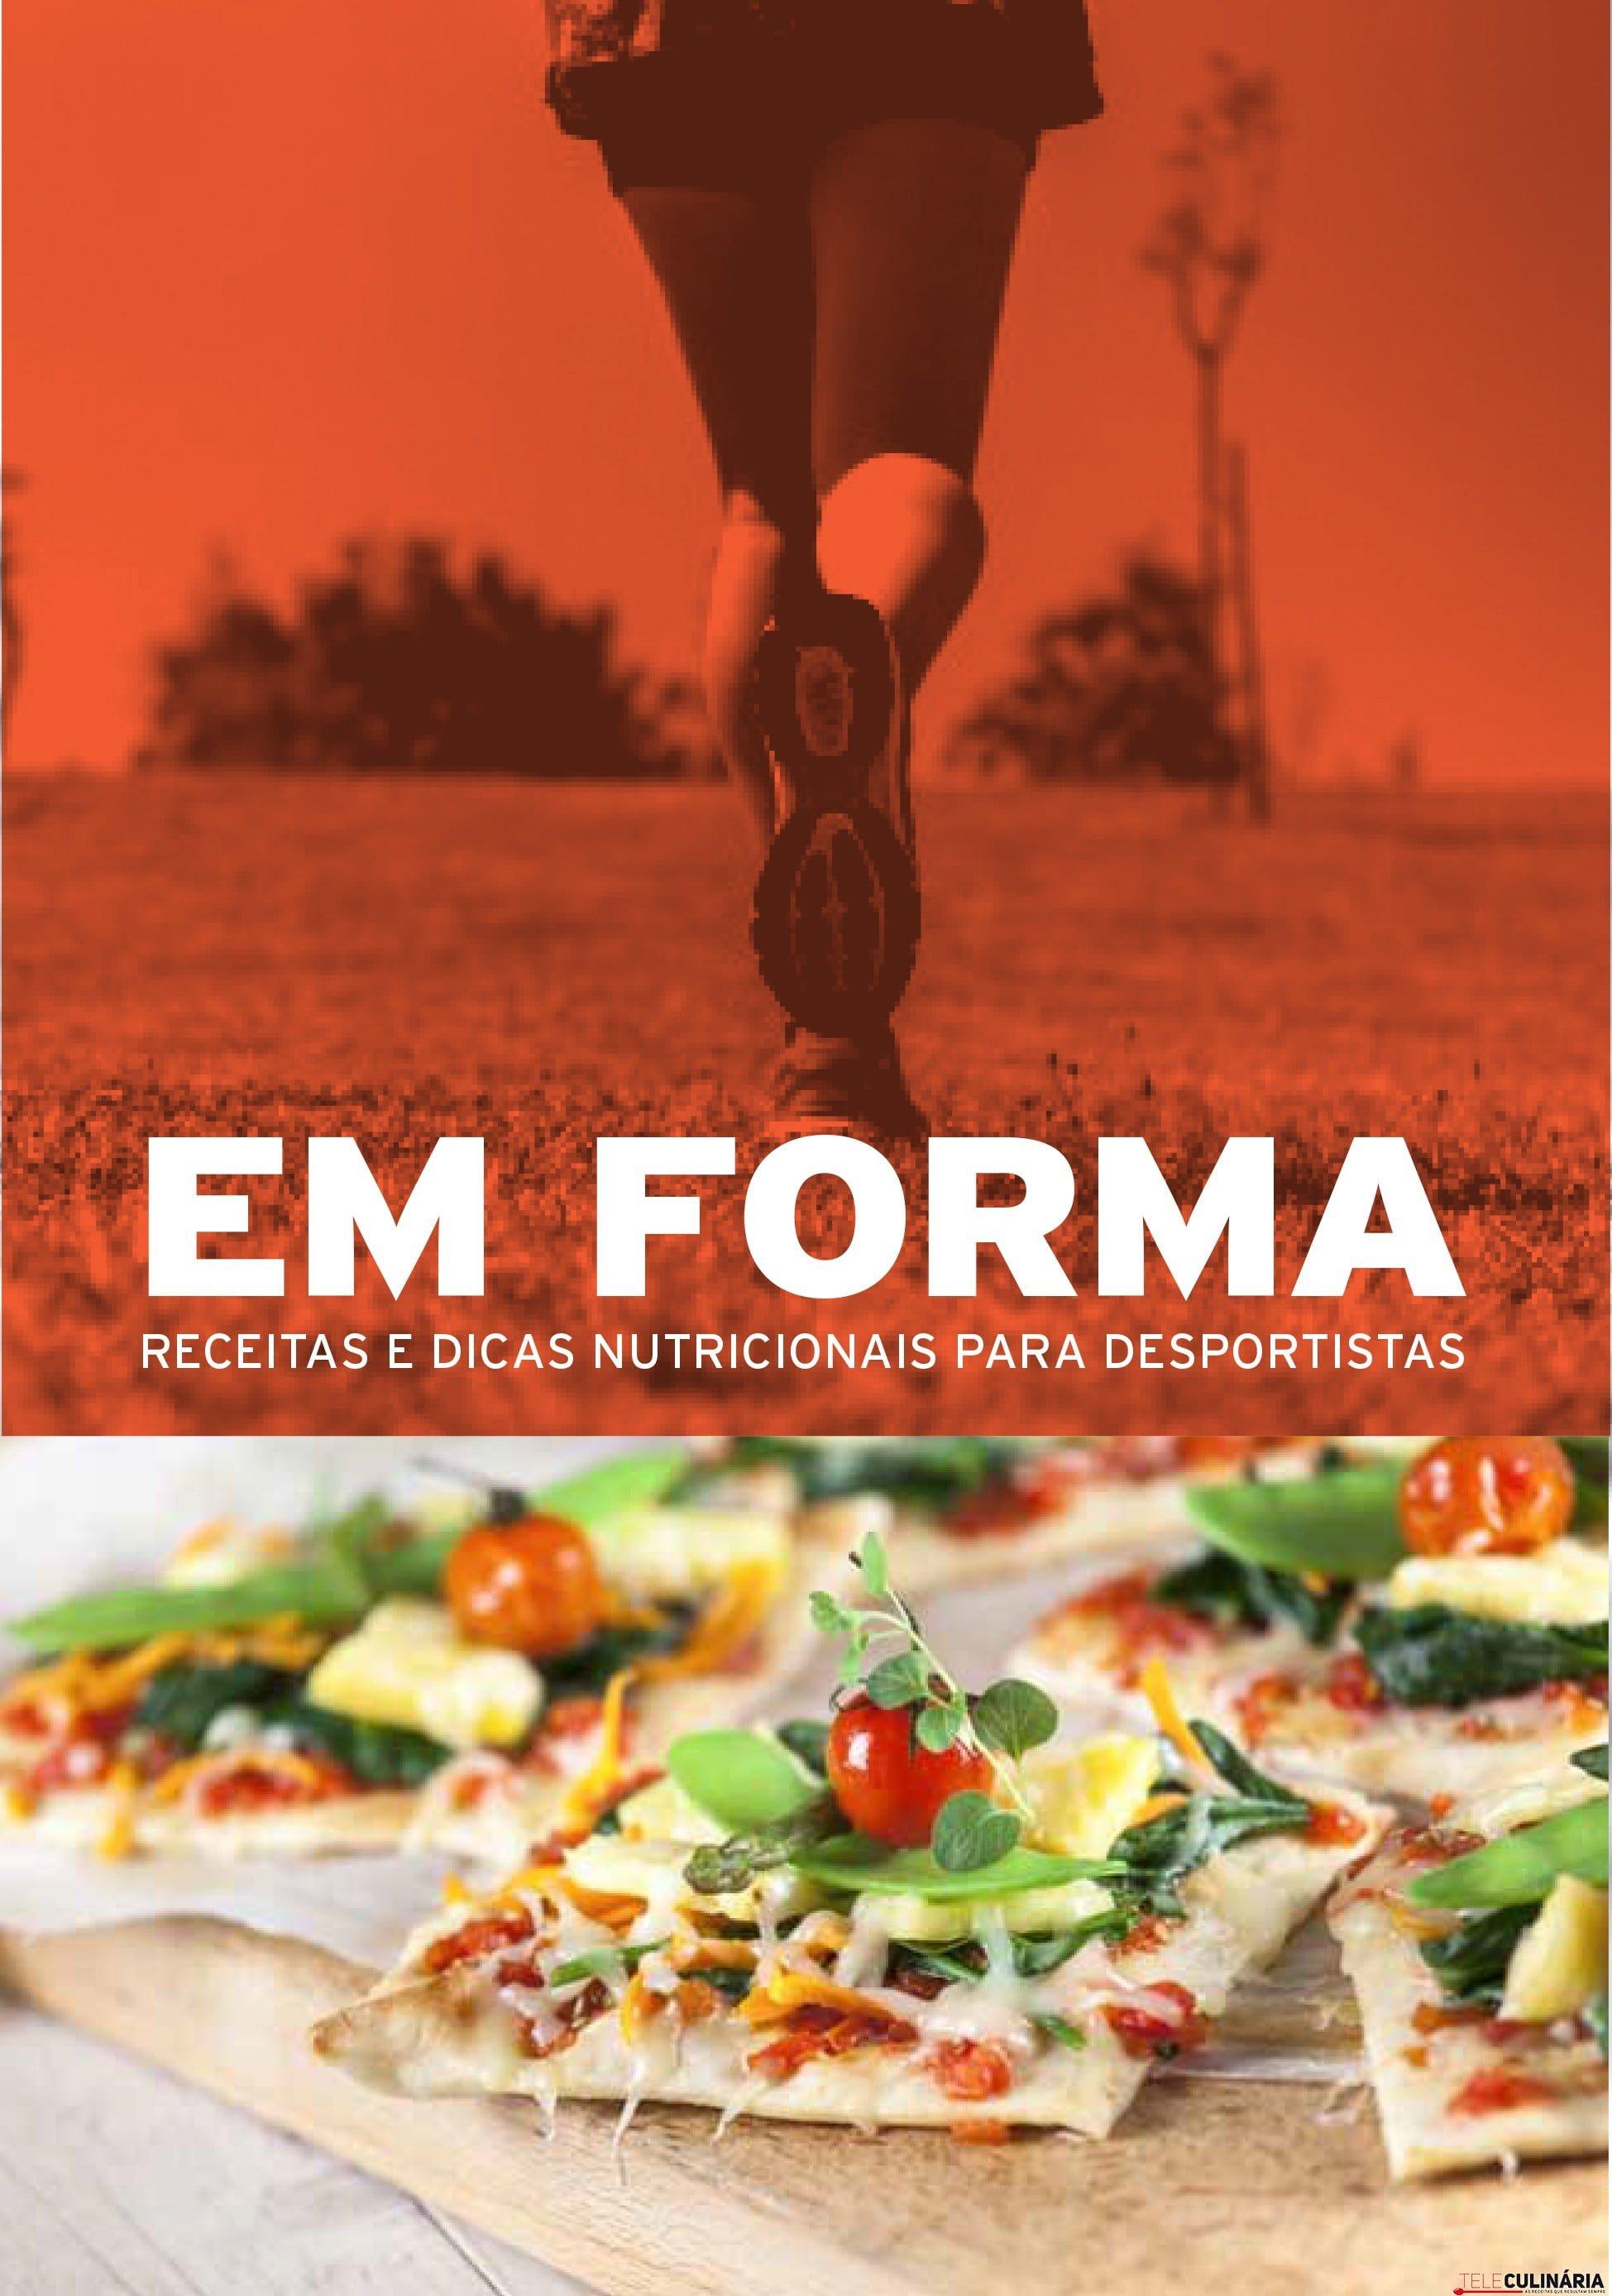 EmForma capa